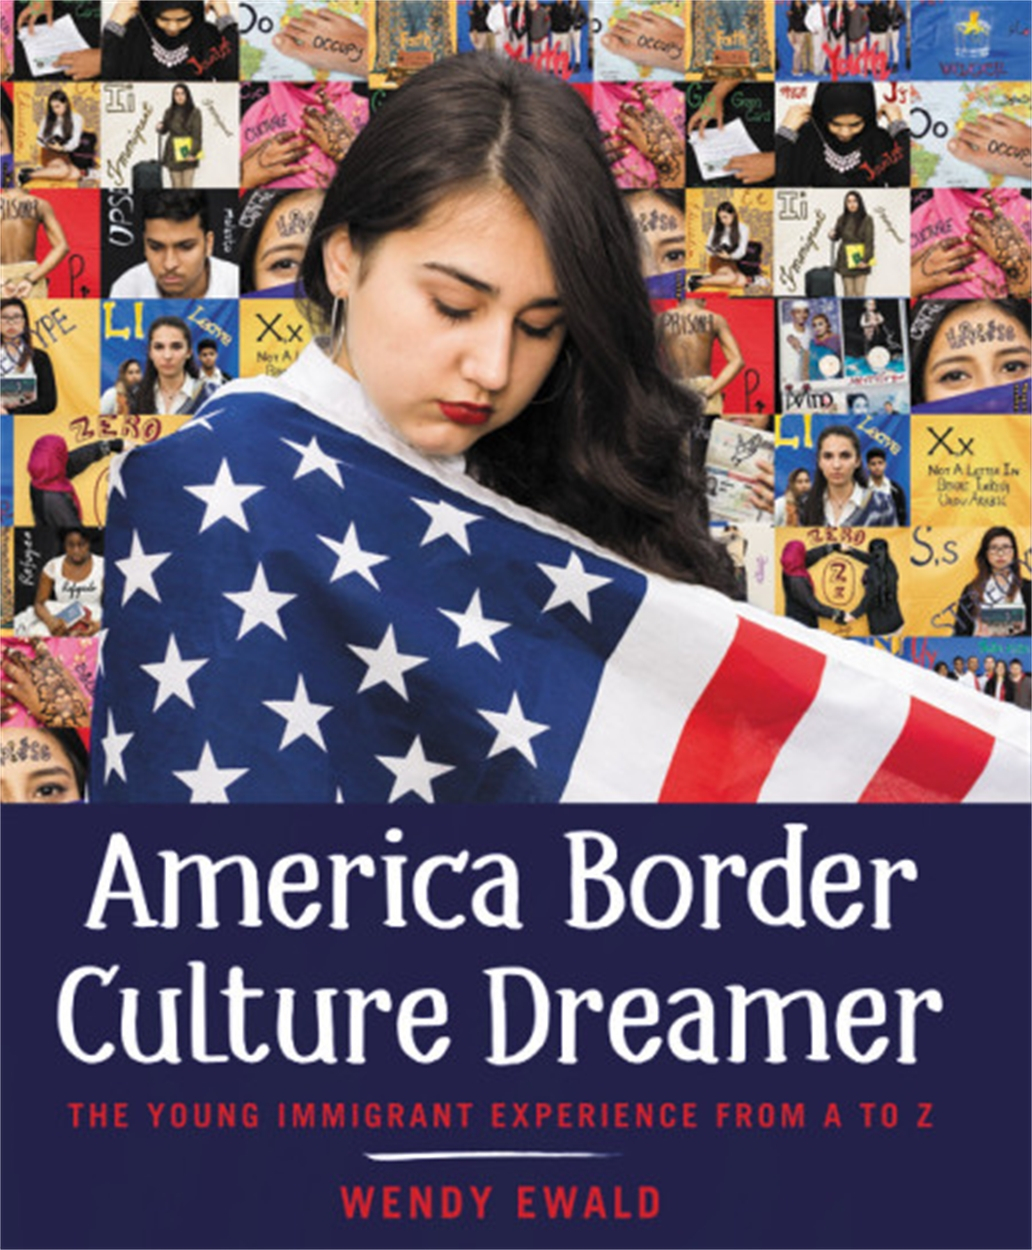 America Border Culture Dreamer